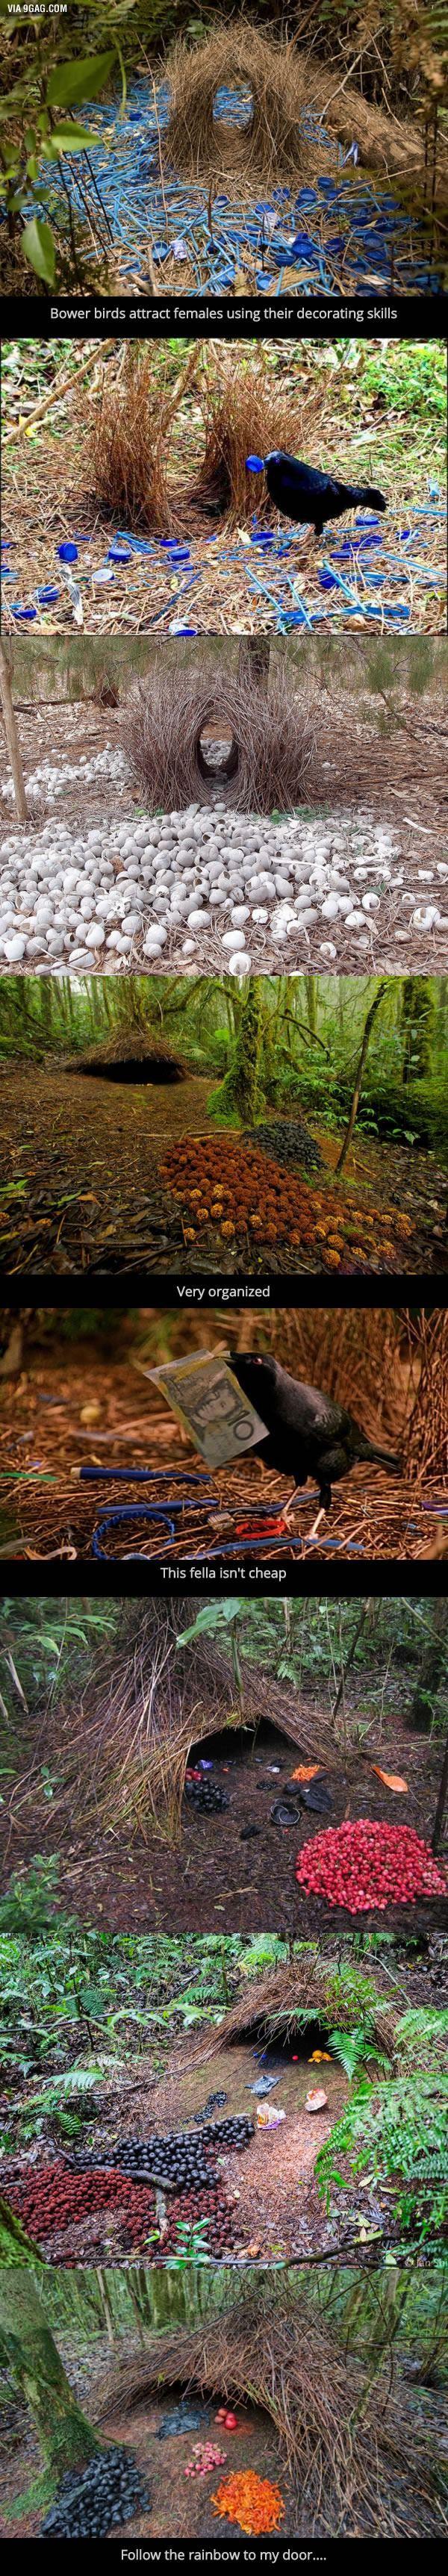 Laubenvögel sind fantastisch